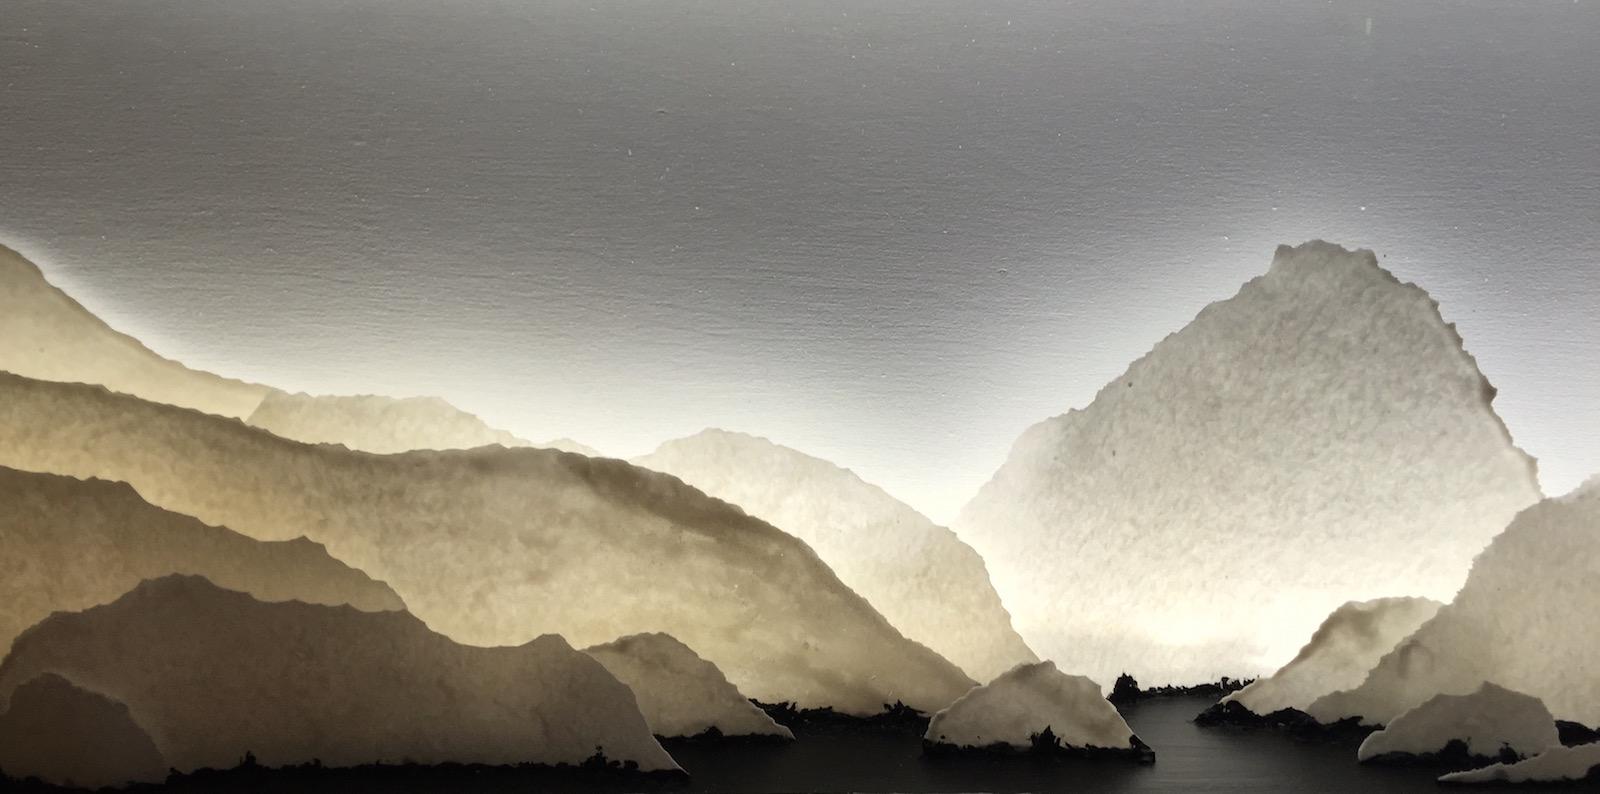 Backlit porcelain landscape diorama